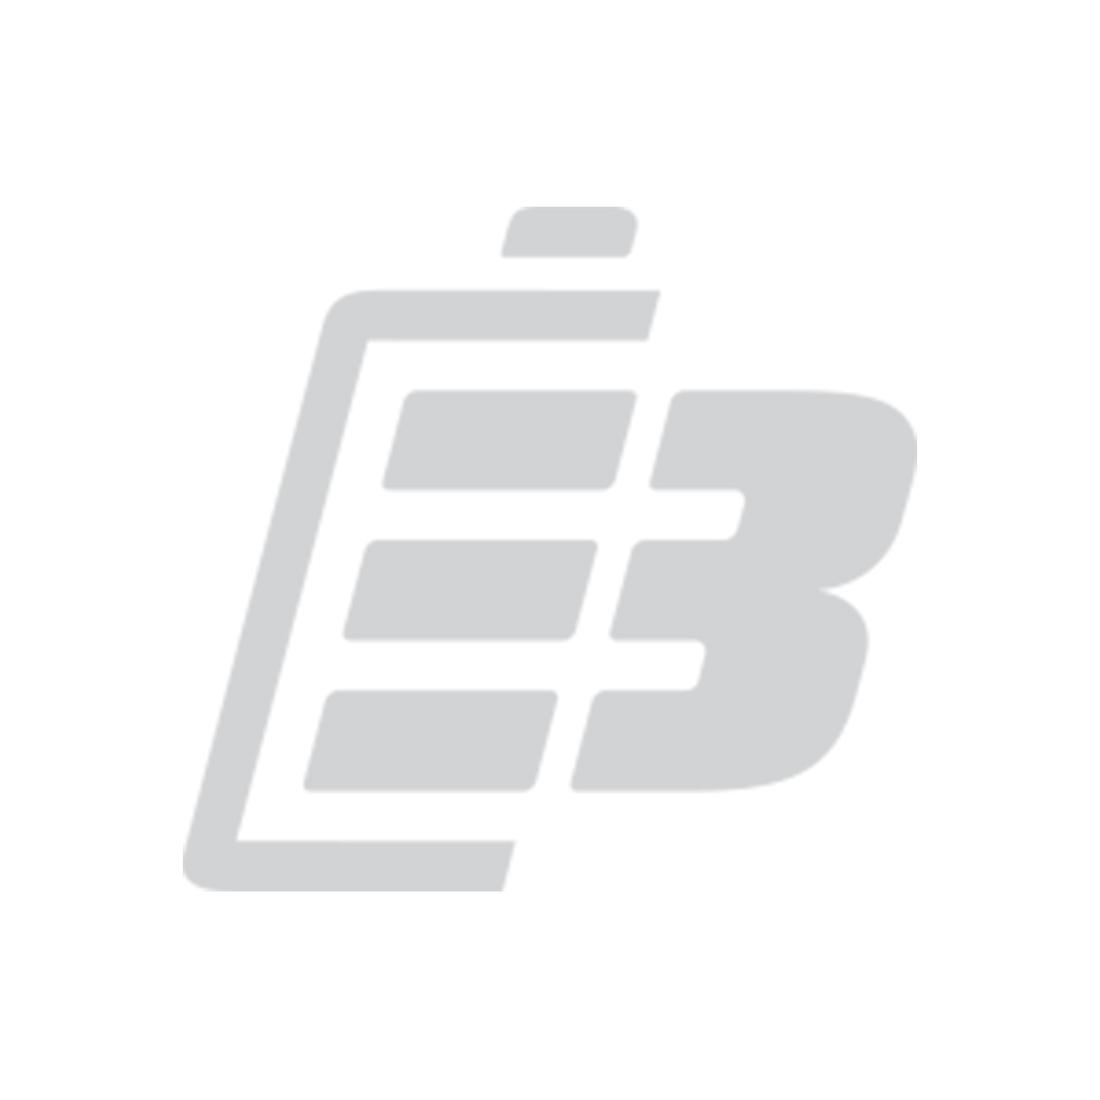 Fenix E05R Mini Keychain Flashlight